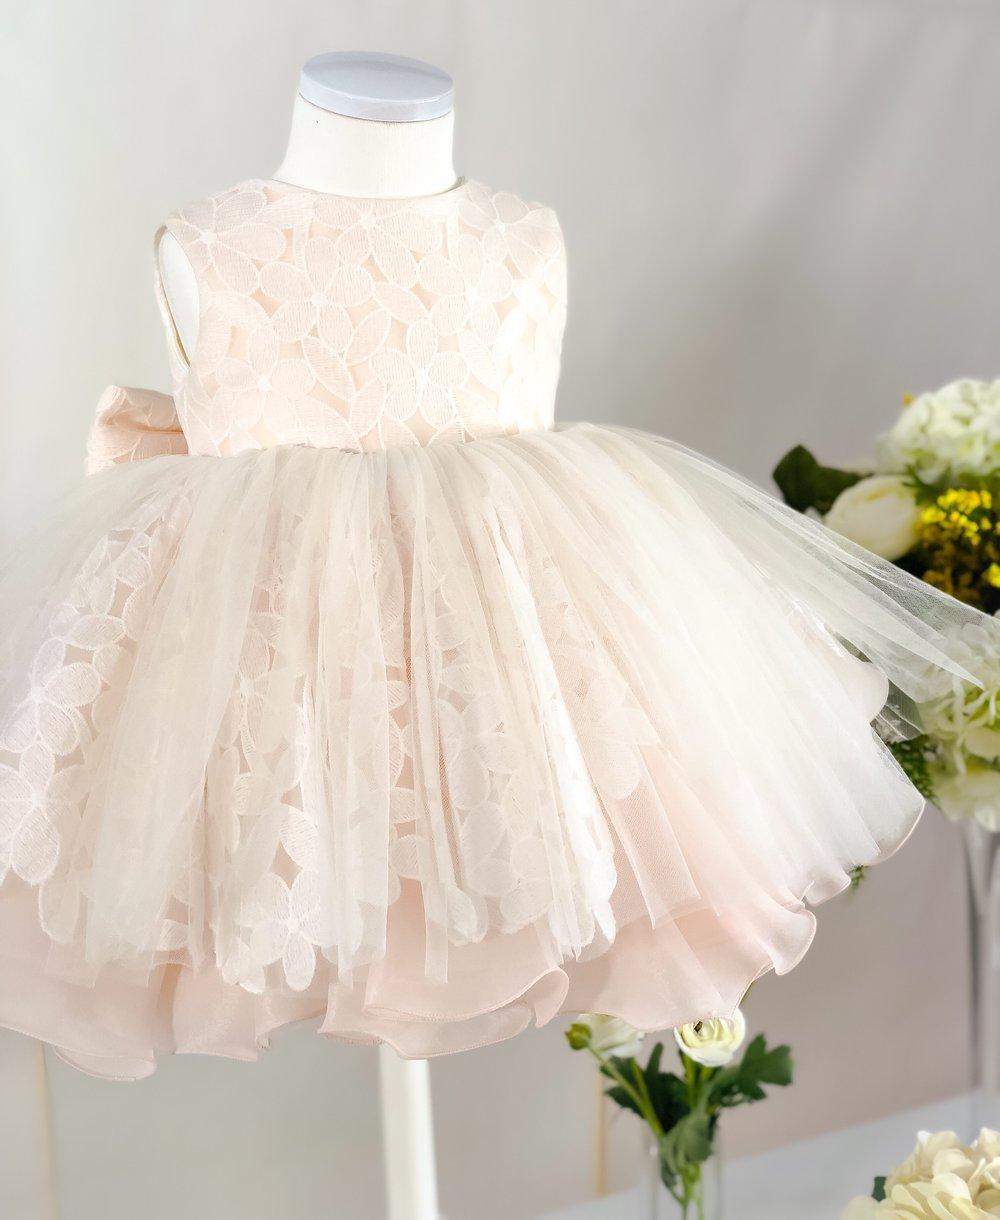 핑크 레이스 드레스 (Pink lace dress)